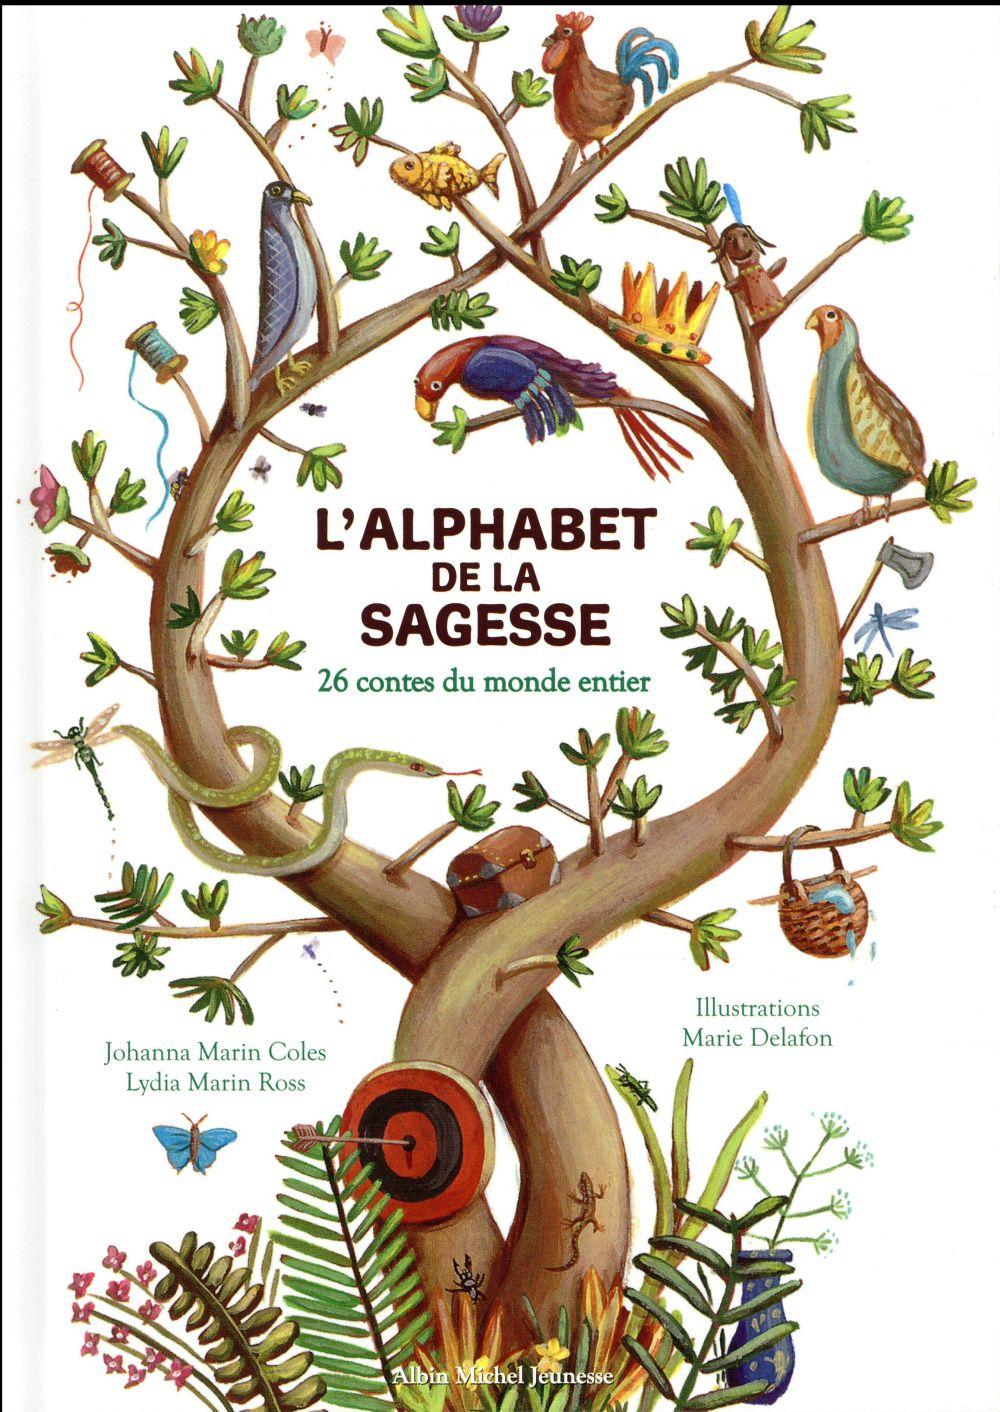 L'ALPHABET DE LA SAGESSE - 26 CONTES DU MONDE ENTIER